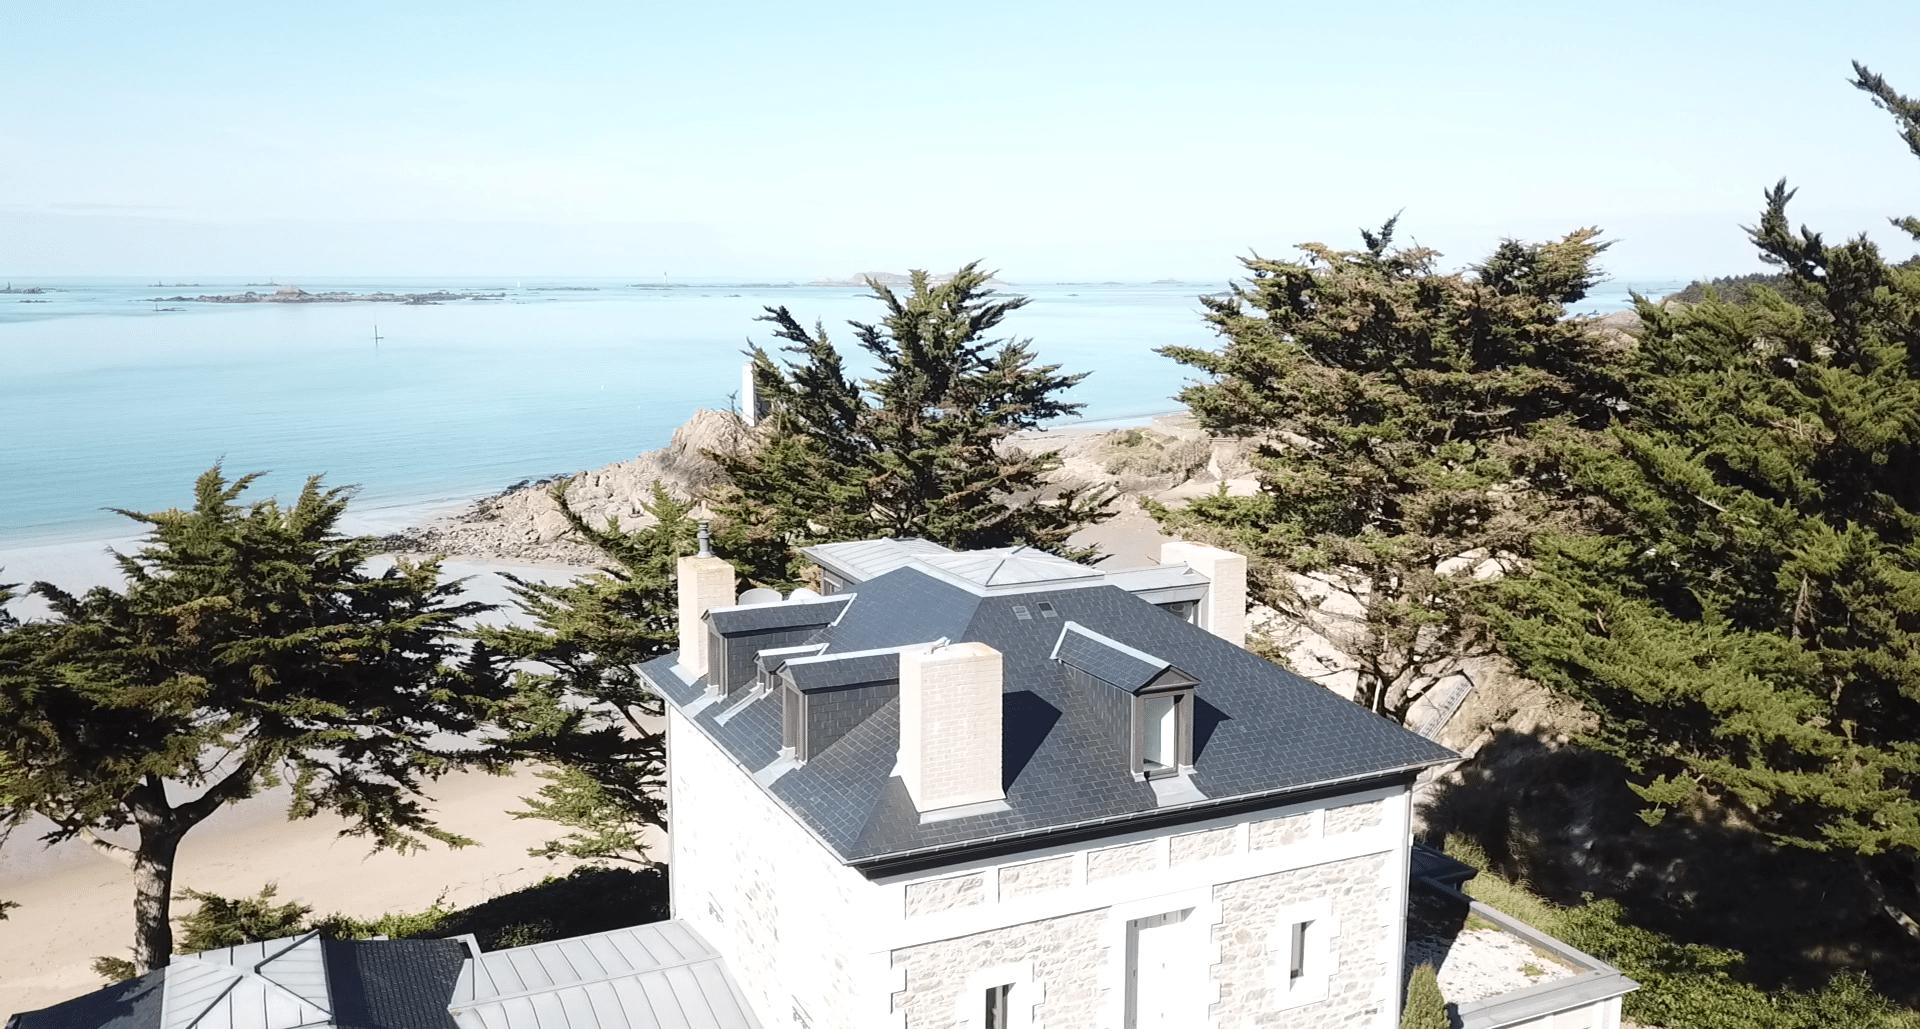 Rénovation de toiture et extensions